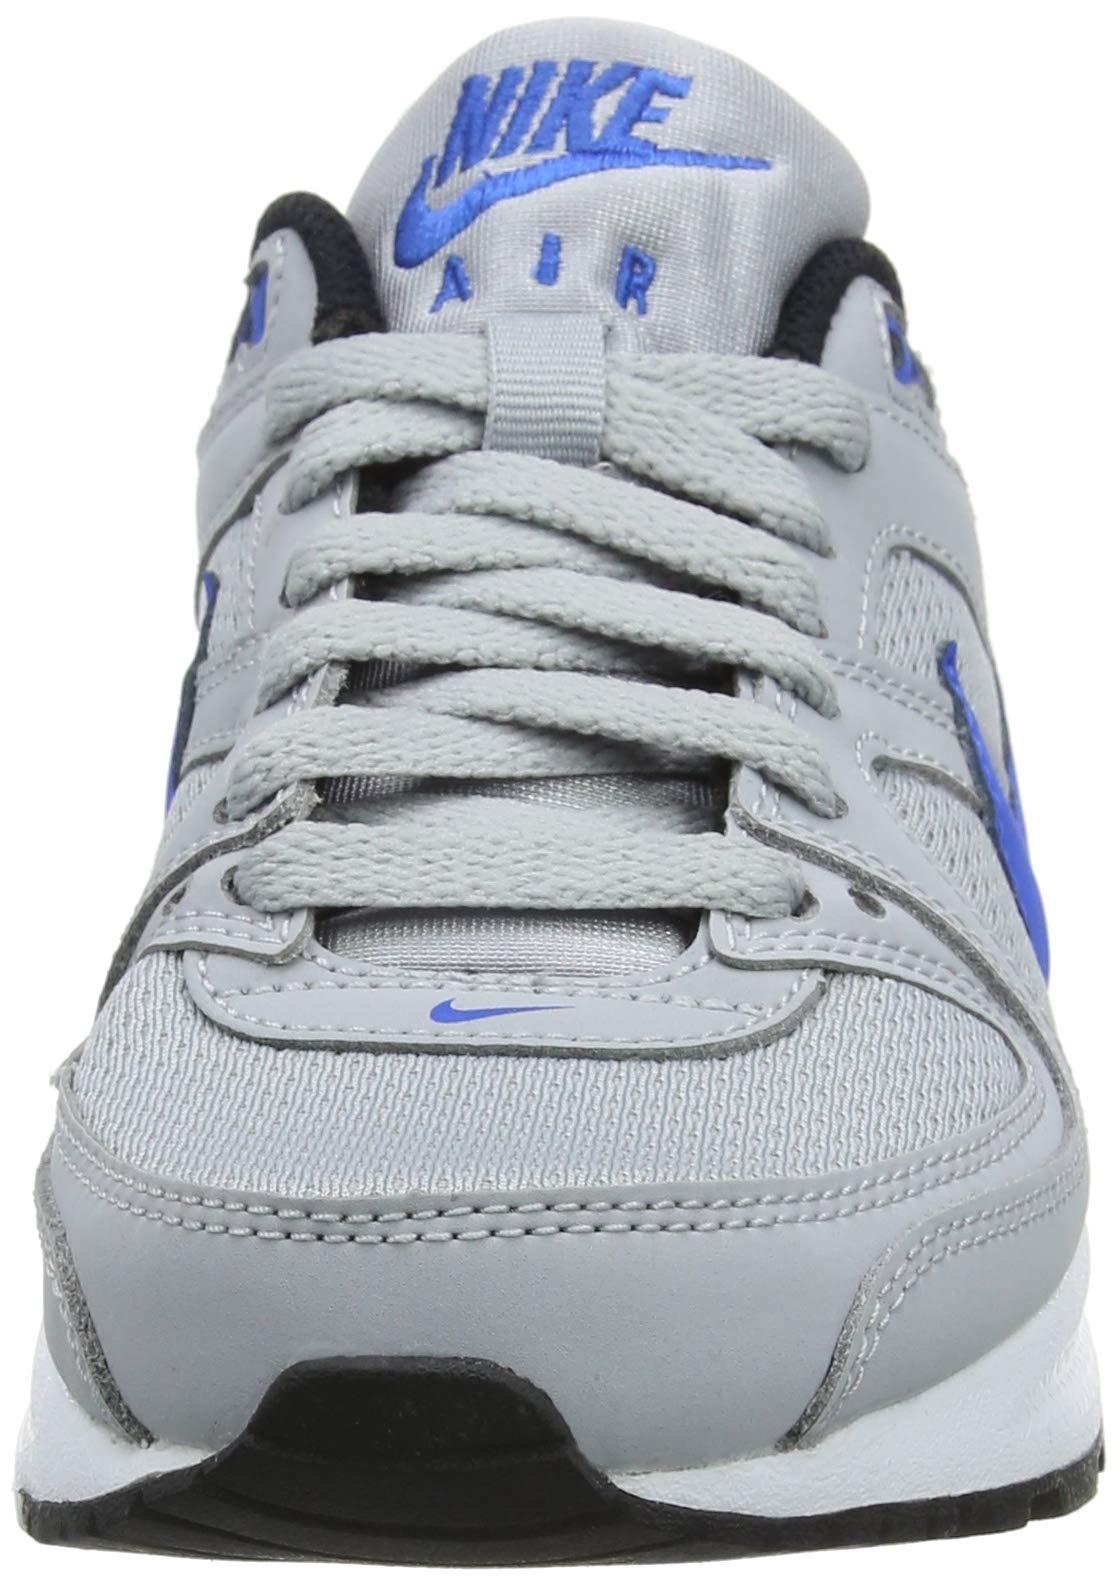 release date d0f81 dd380 Nike Air Max Command Flex (GS), Scarpe da Ginnastica Basse Bambino